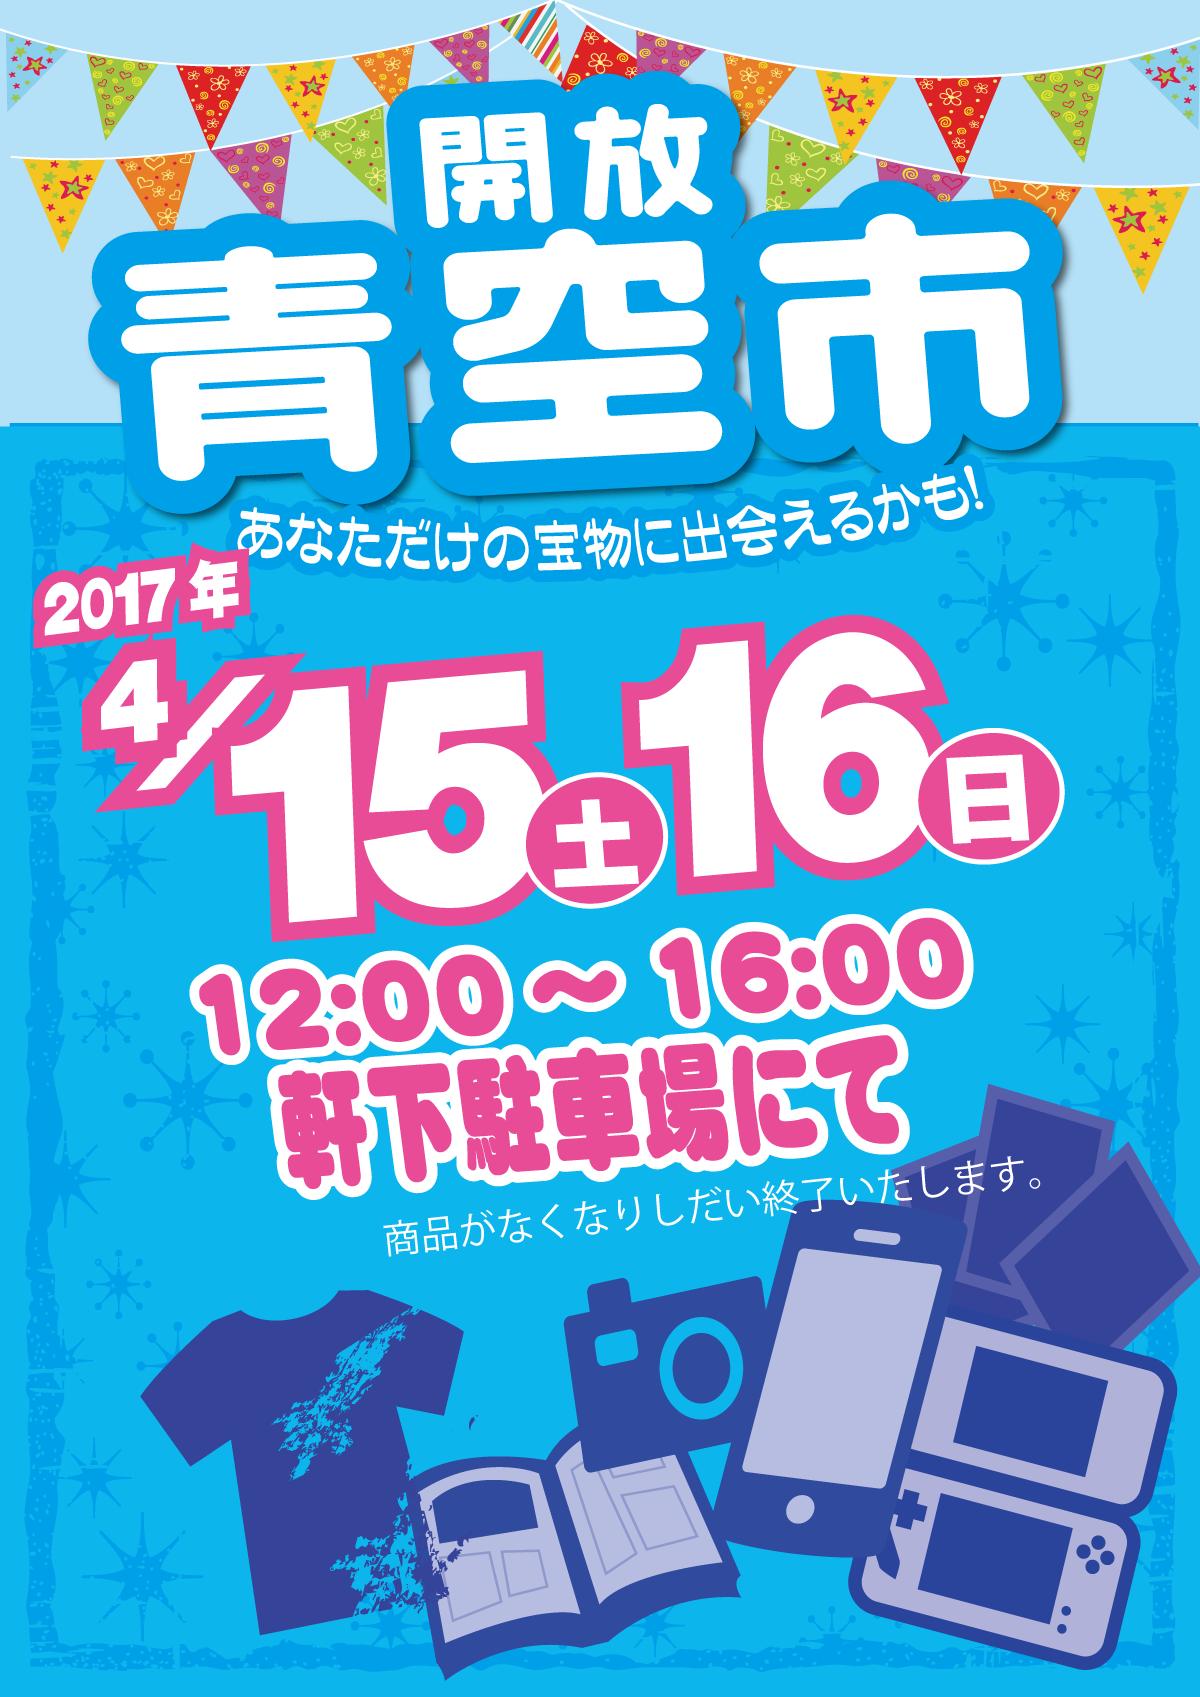 「開放倉庫福山店」2017年4月15・16日(土・日)開放青空市!あなただけの宝物に出会えるかも!